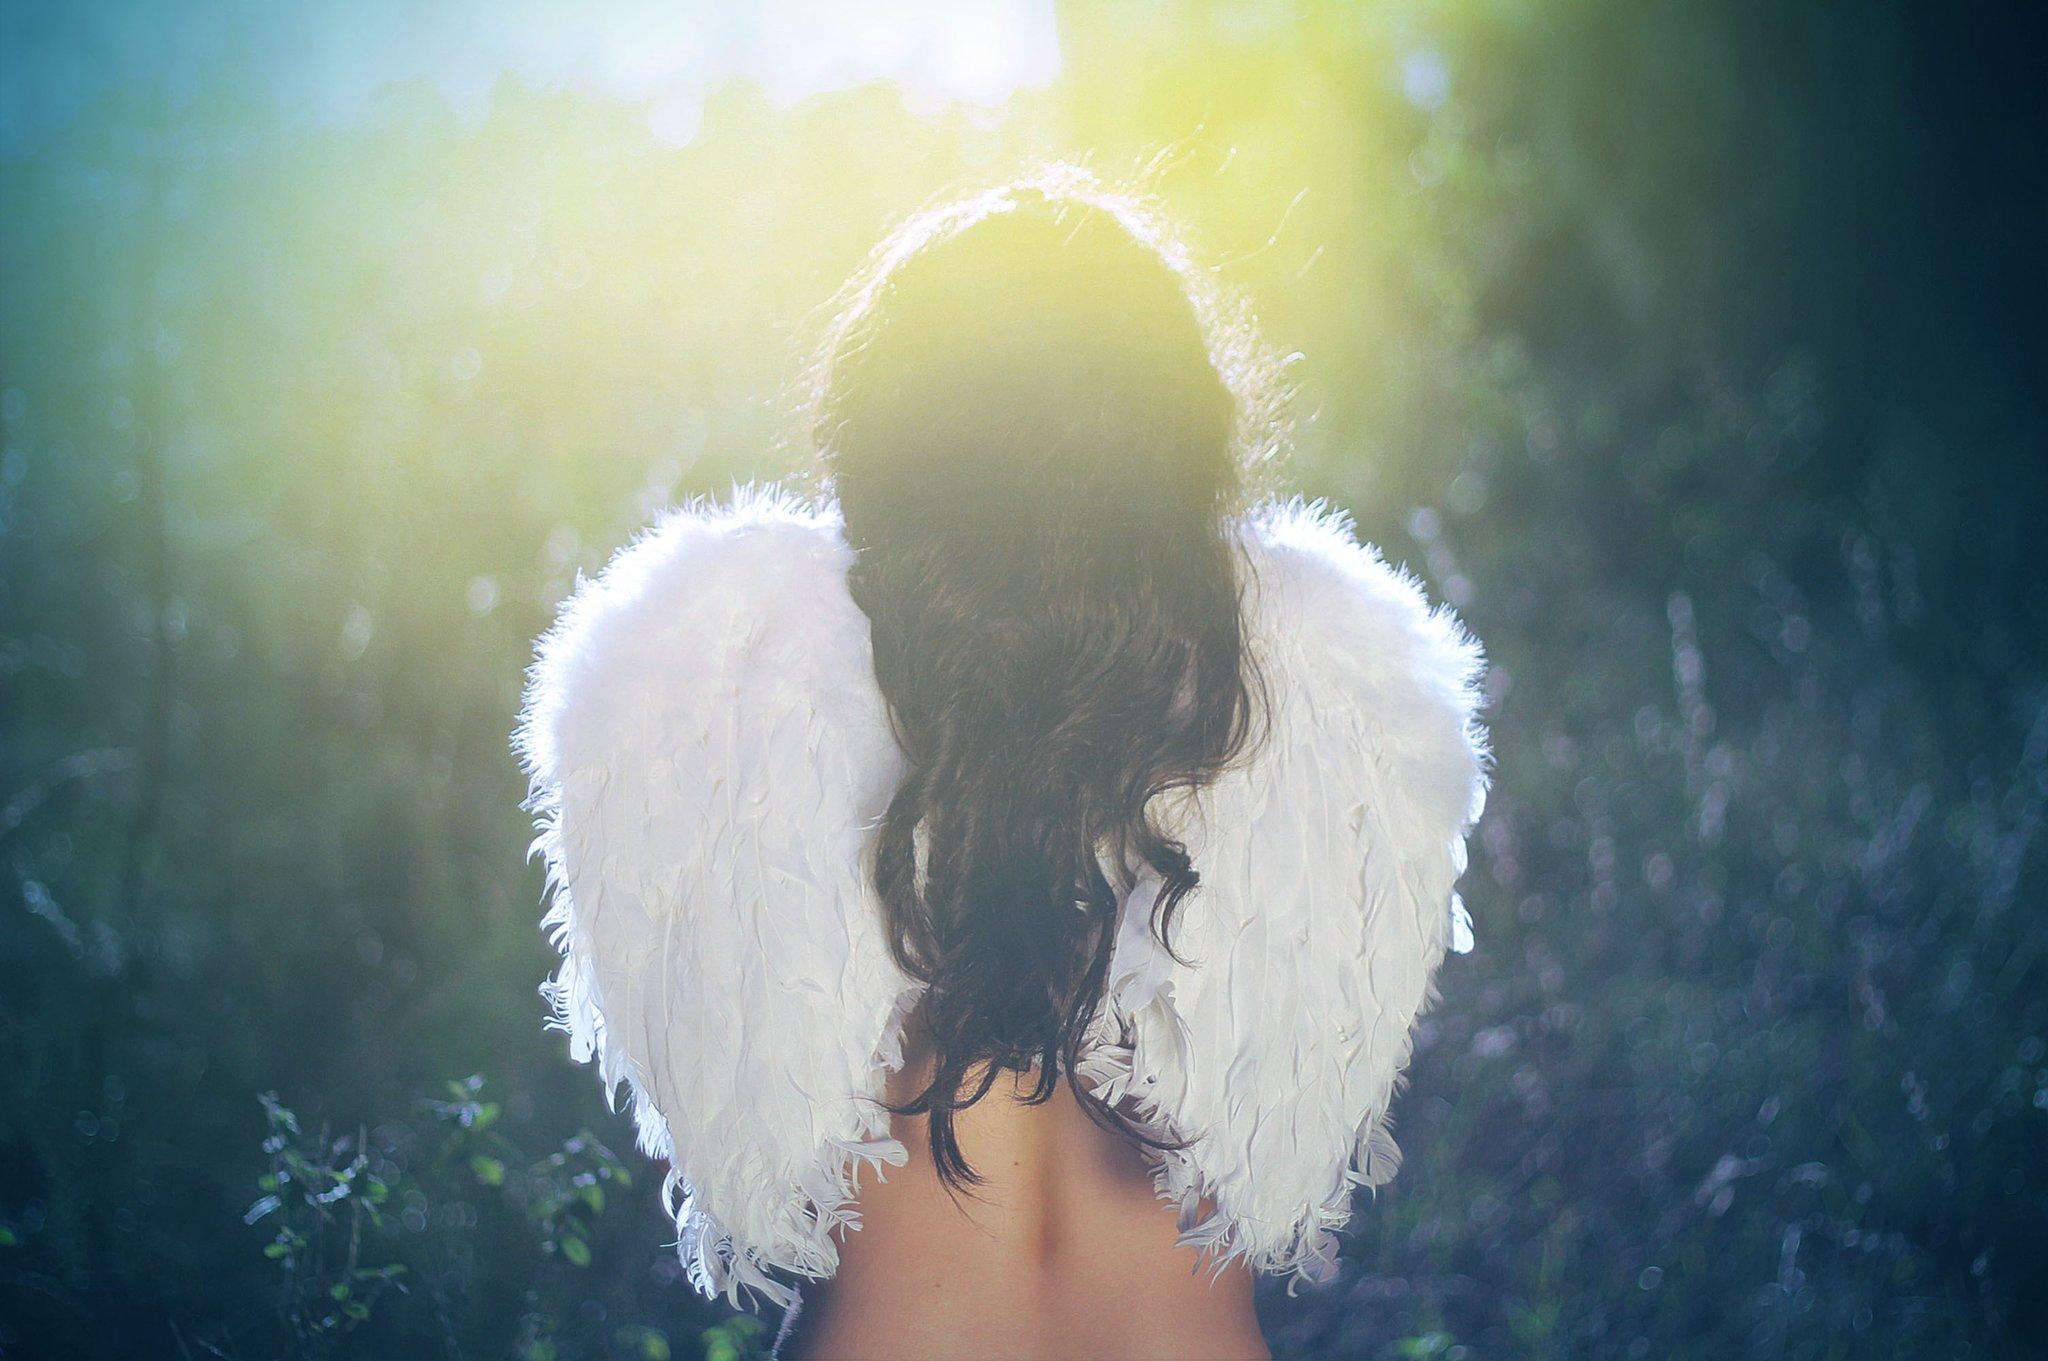 Девушка крылья картинка